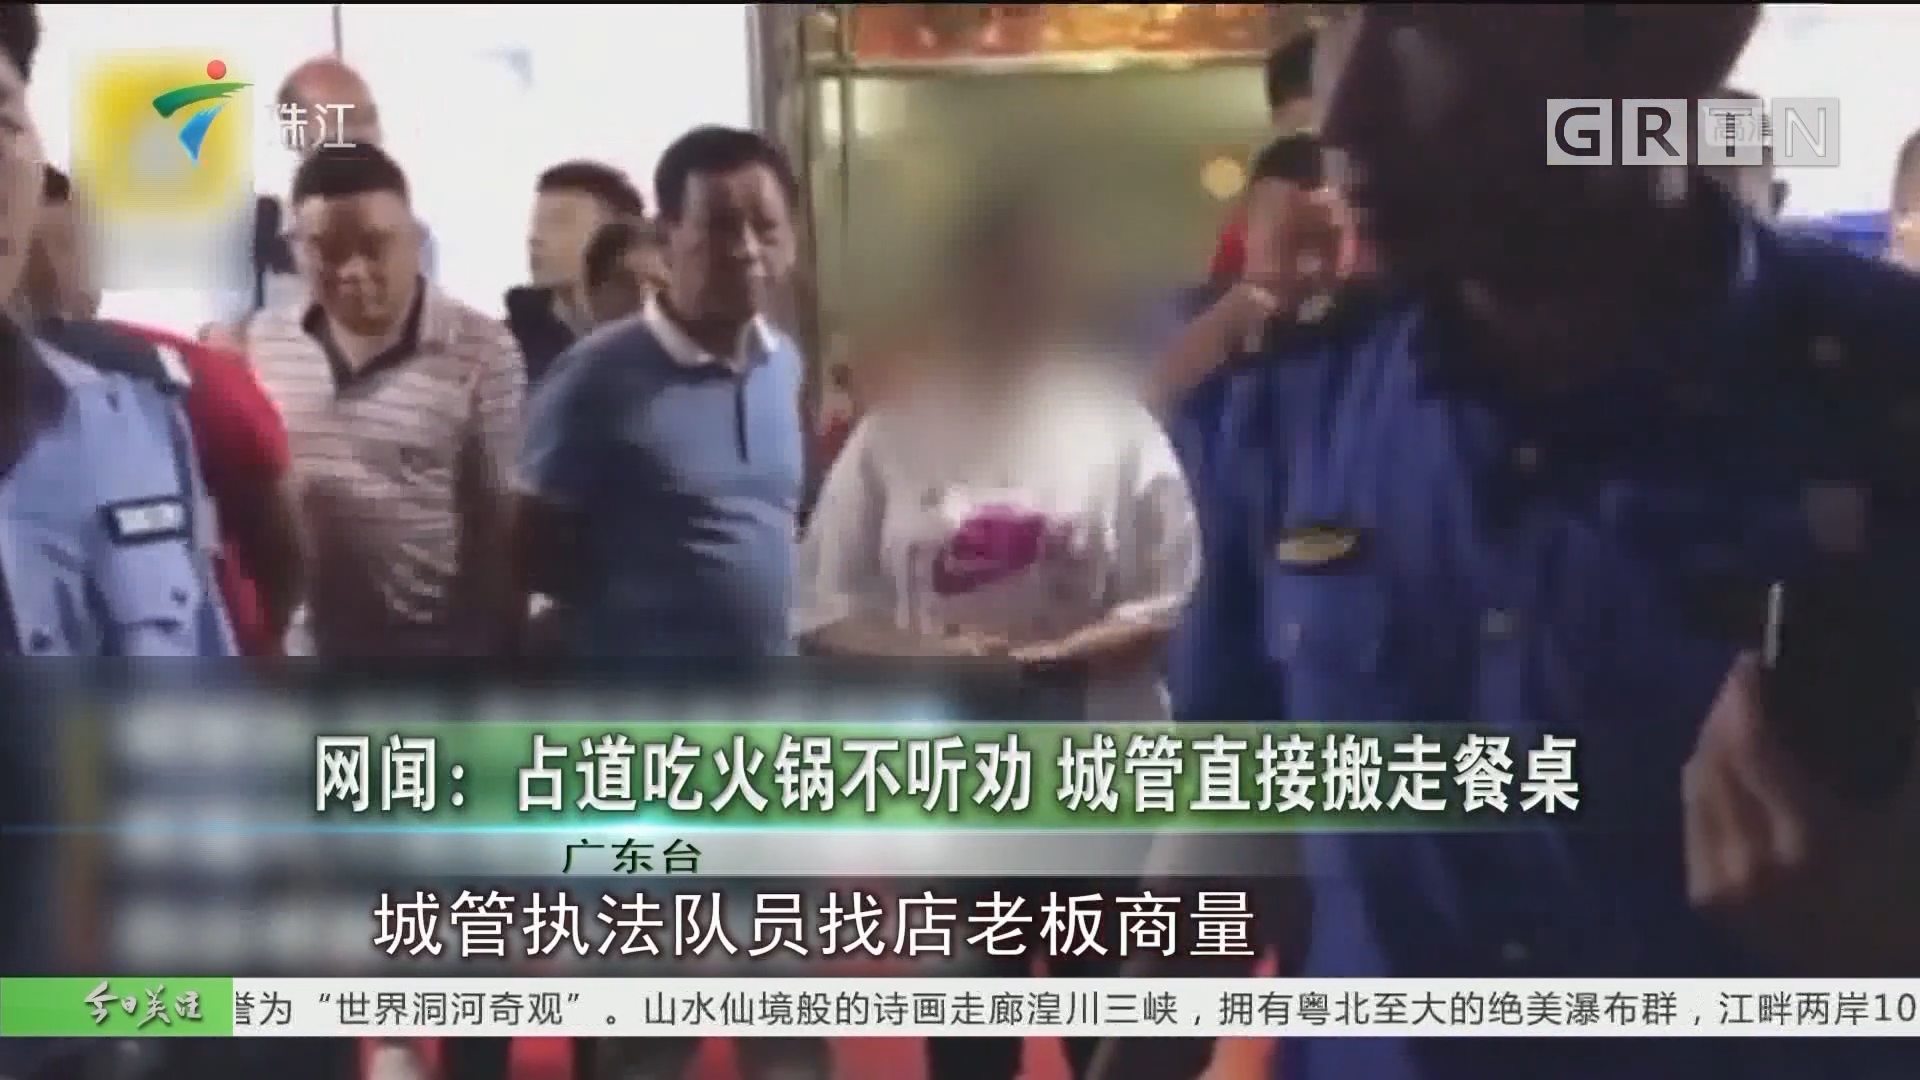 网闻:占道吃火锅不听劝 城管直接搬走餐桌